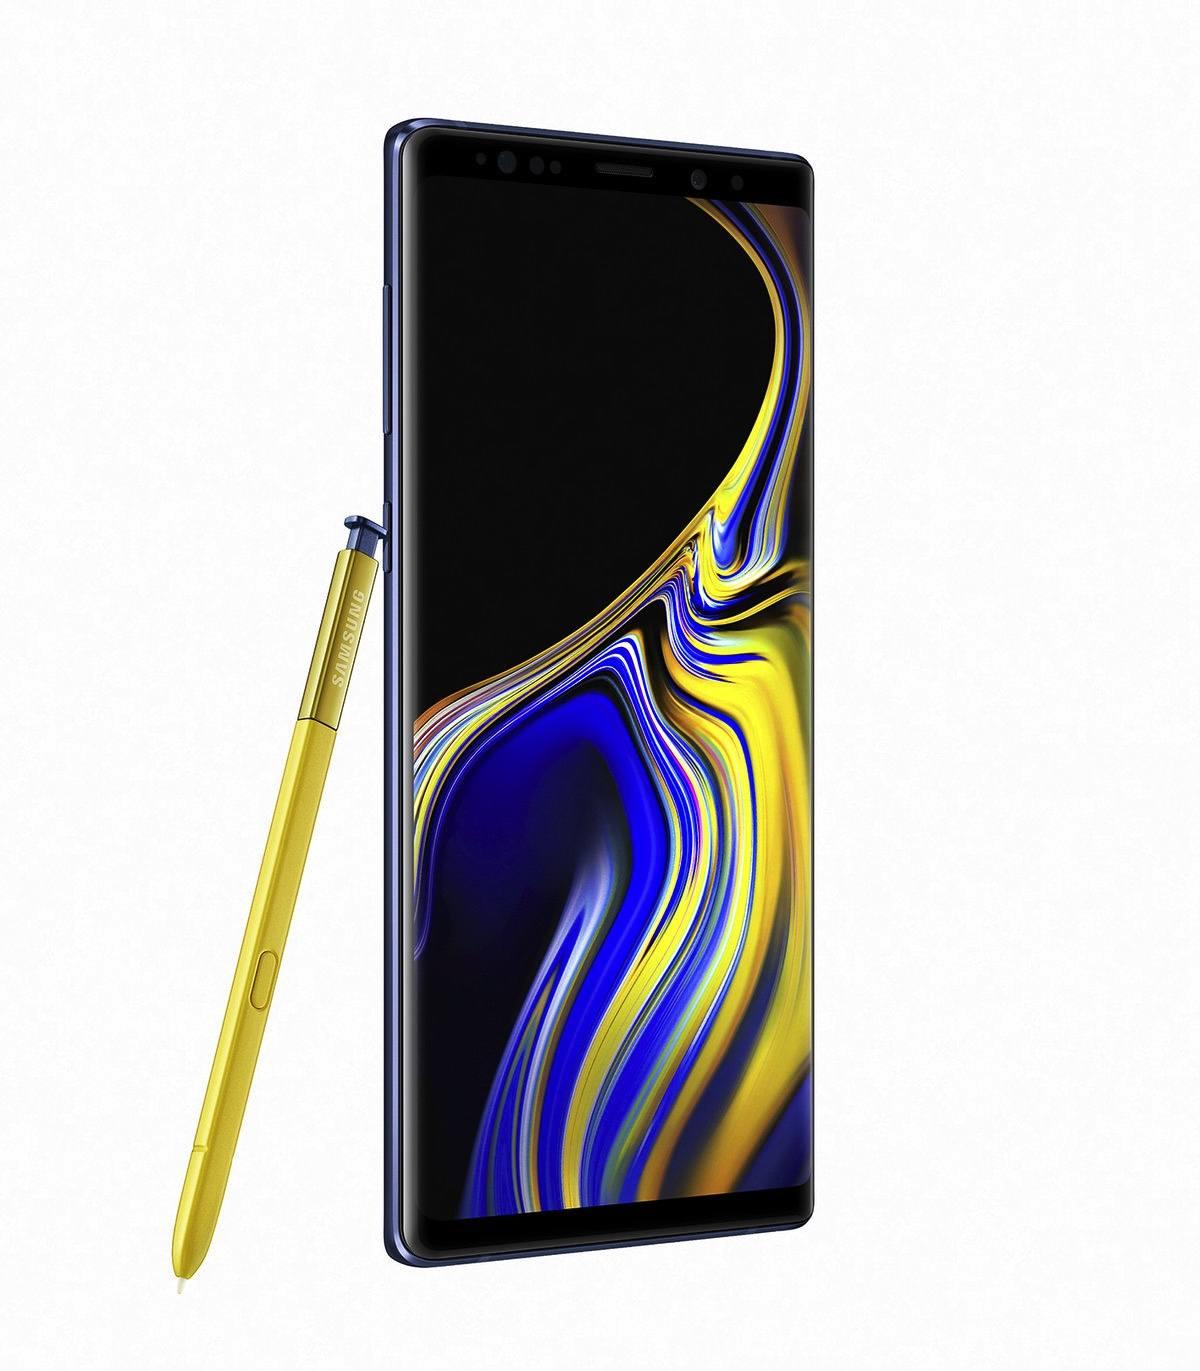 Galaxy Note 9 duvar kağıtları indirilmek için sizi bekliyor